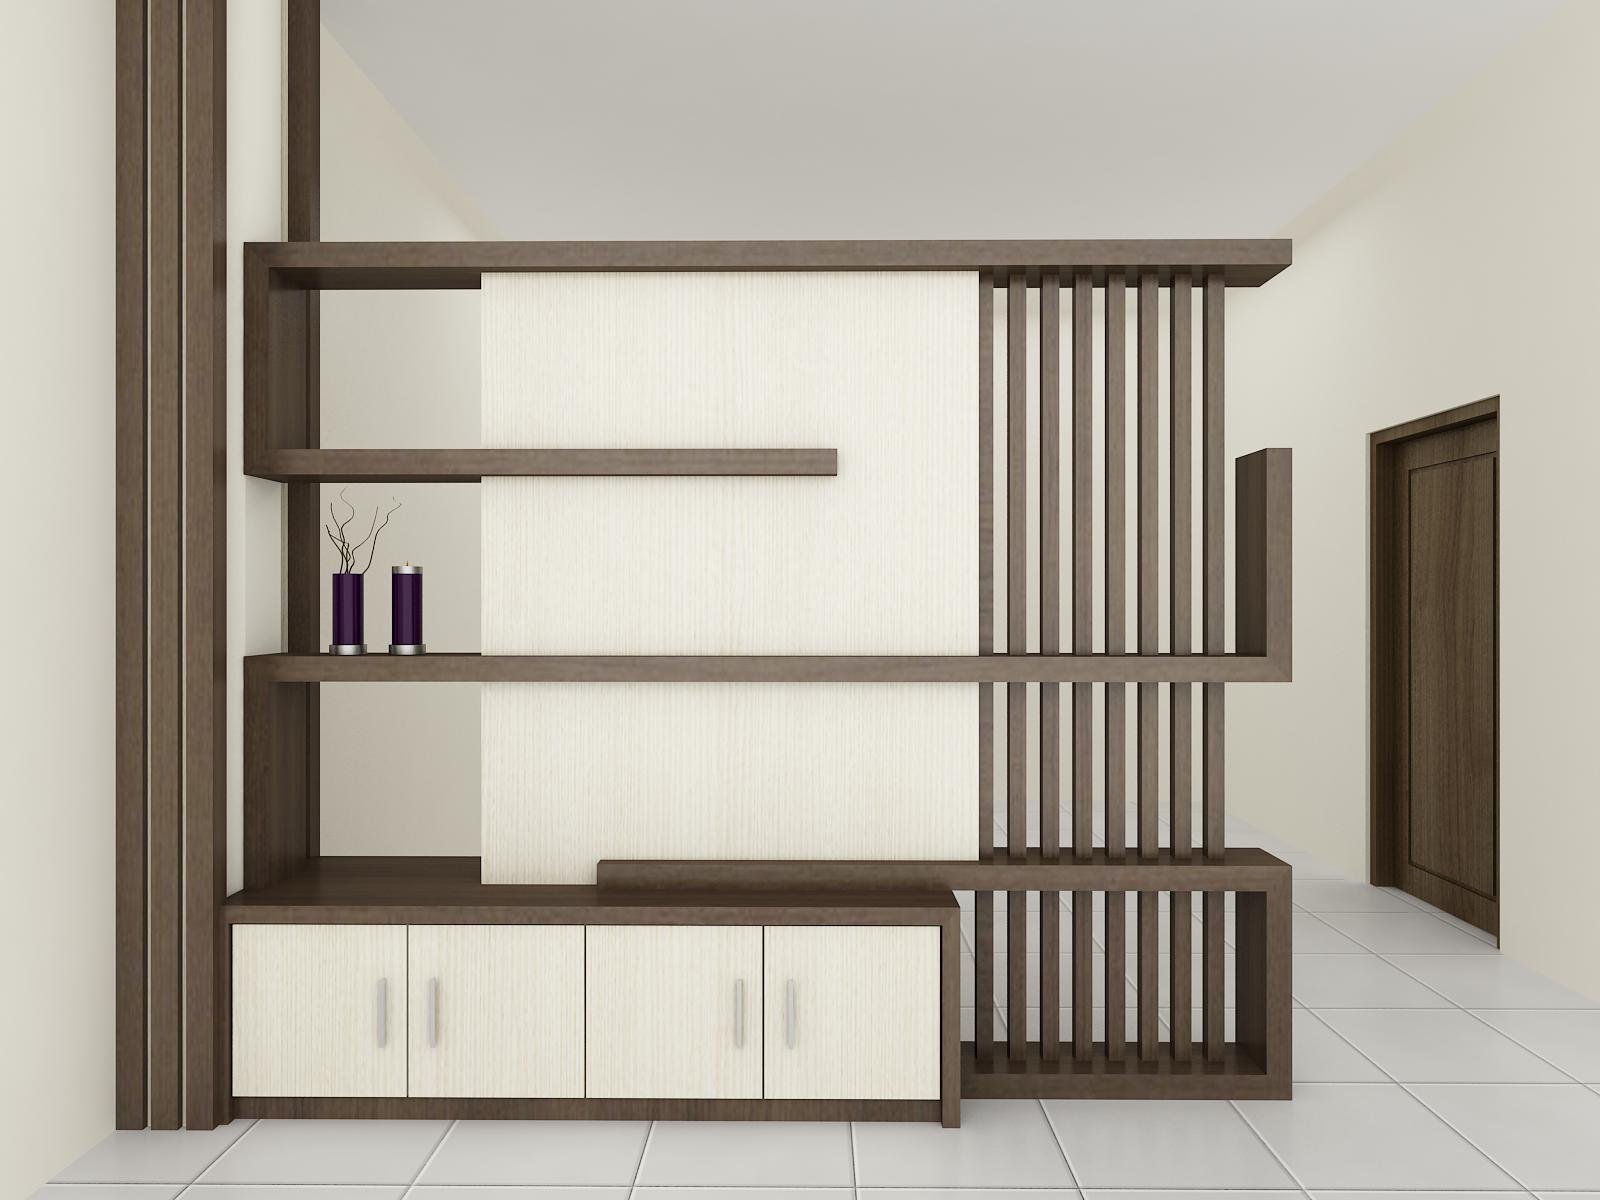 Desain Sekat Antara Ruang Tamu Dan Ruang Keluarga Gambar Desain